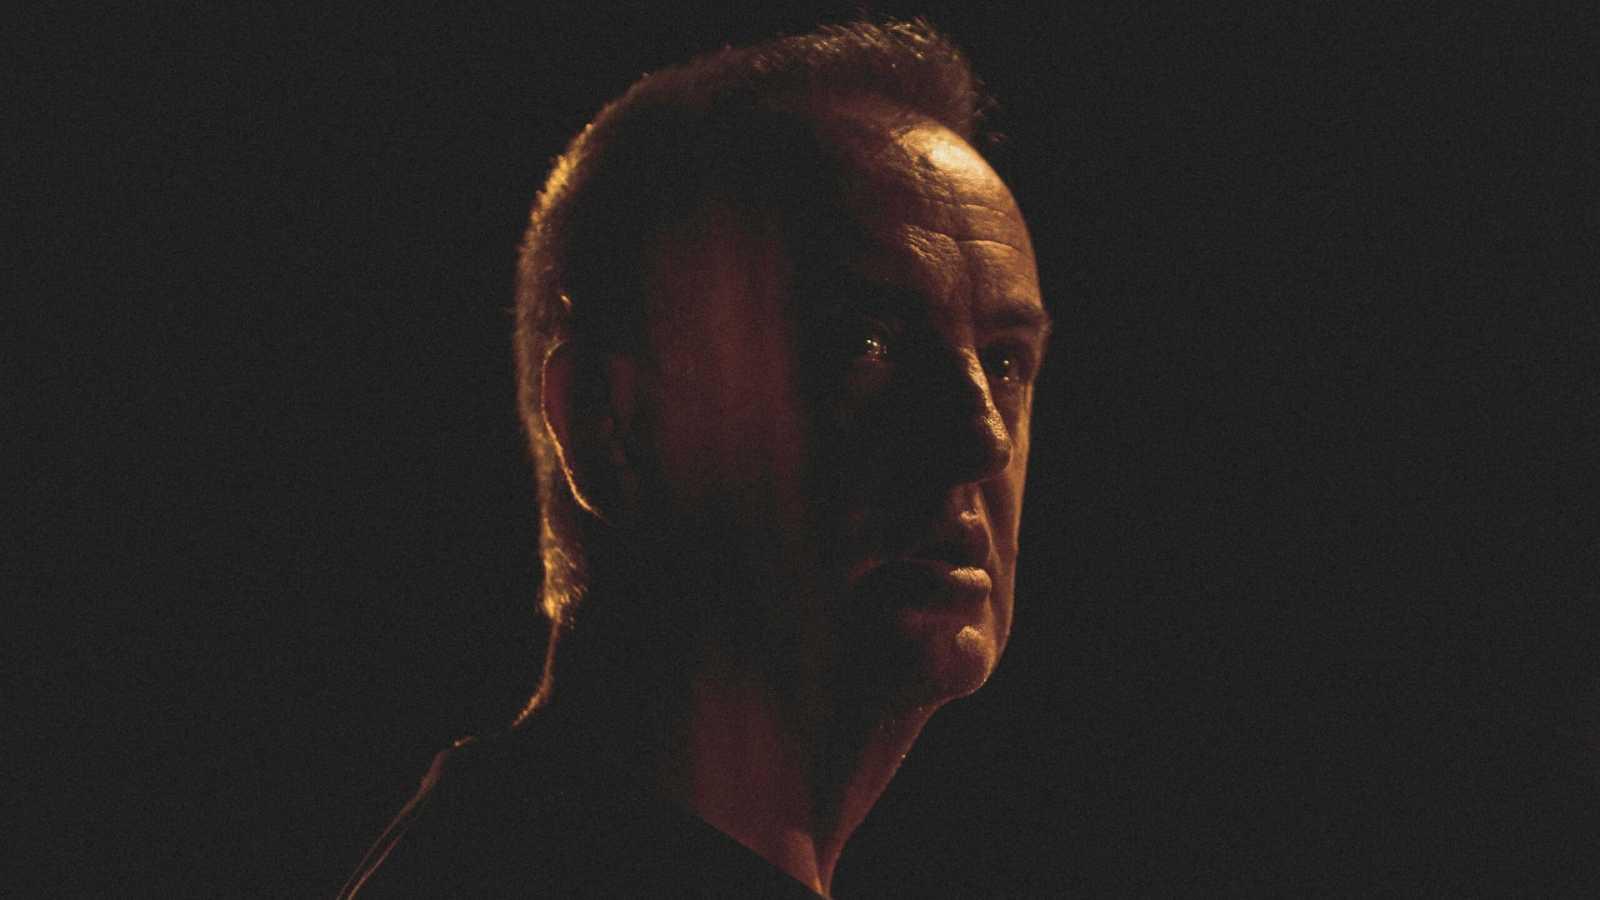 Carlos Hipólito protagoniza 'Macbeth' en el Centro Dramático Nacional